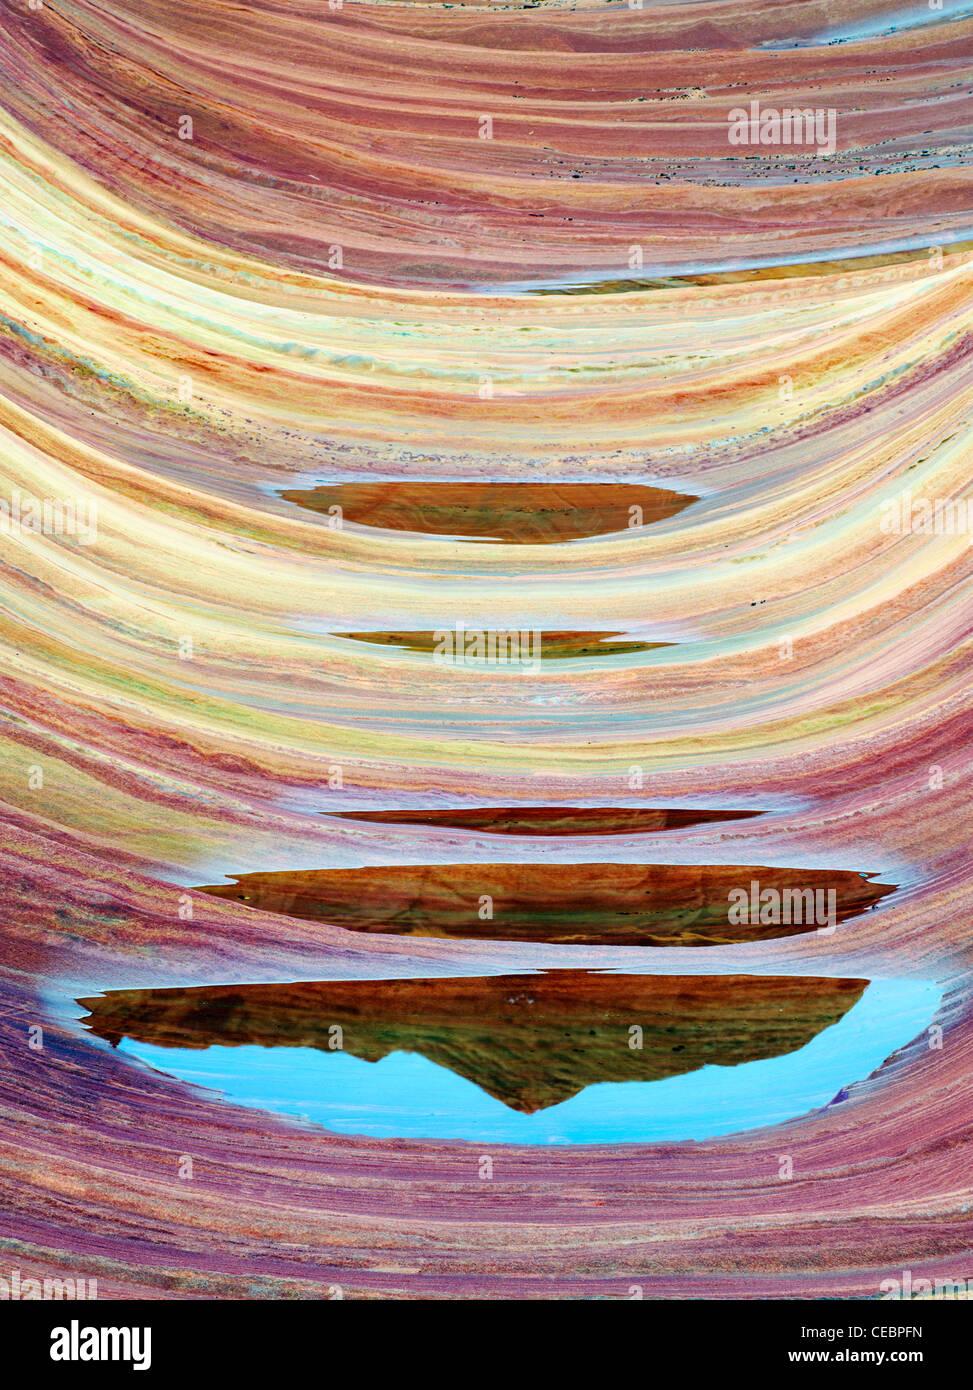 Formazione Sandtone e la piscina di acqua nel nord Coyote Buttes, l'onda. Paria Canyon Vermillion Cliffs Wilderness. Immagini Stock